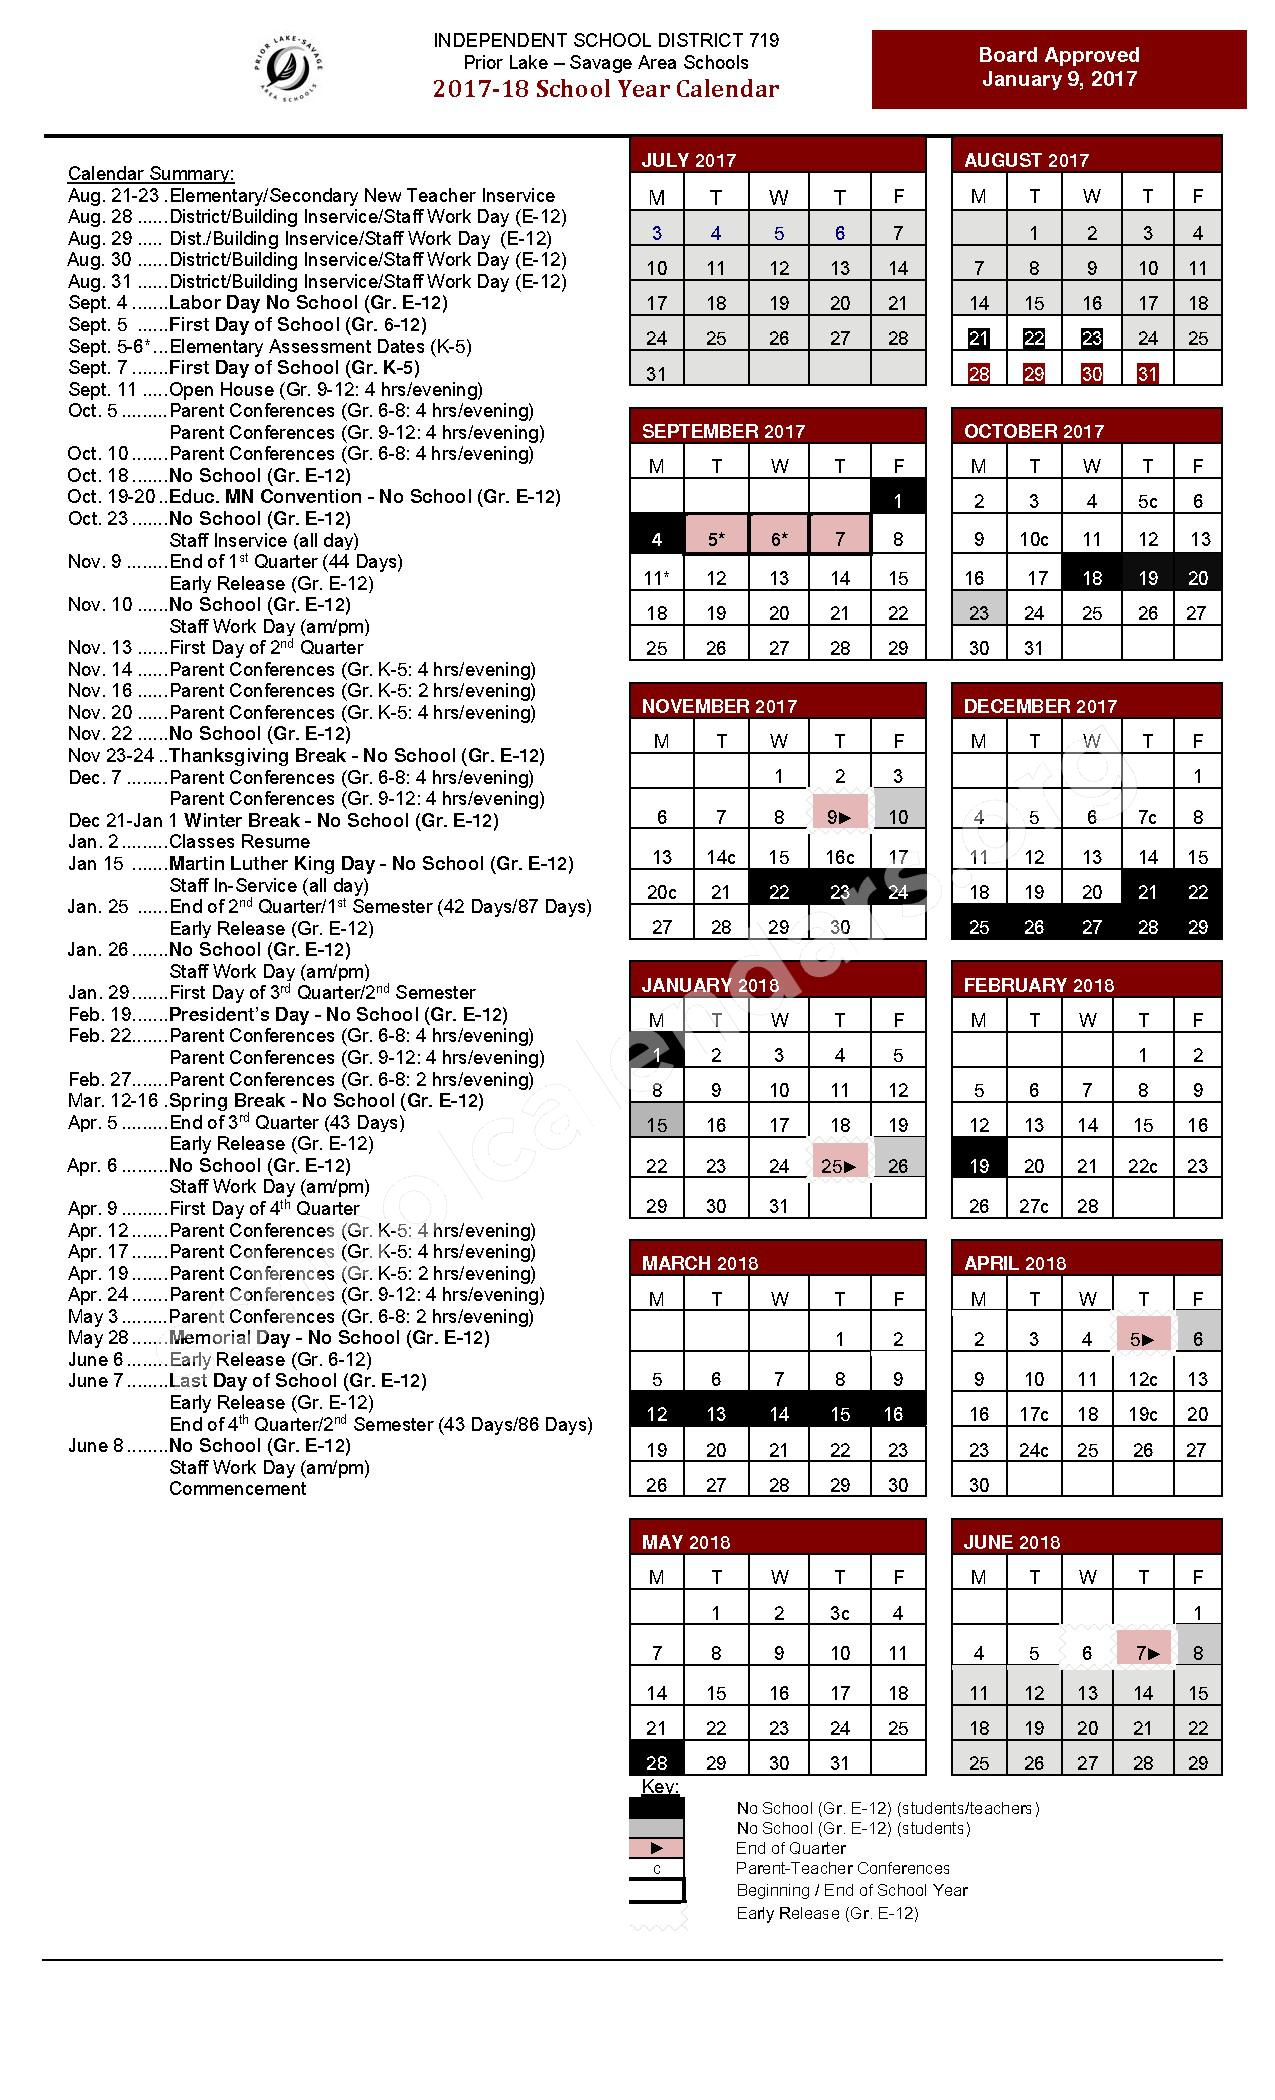 2017 - 2018 School Calendar – Prior Lake-Savage Area Schools – page 1